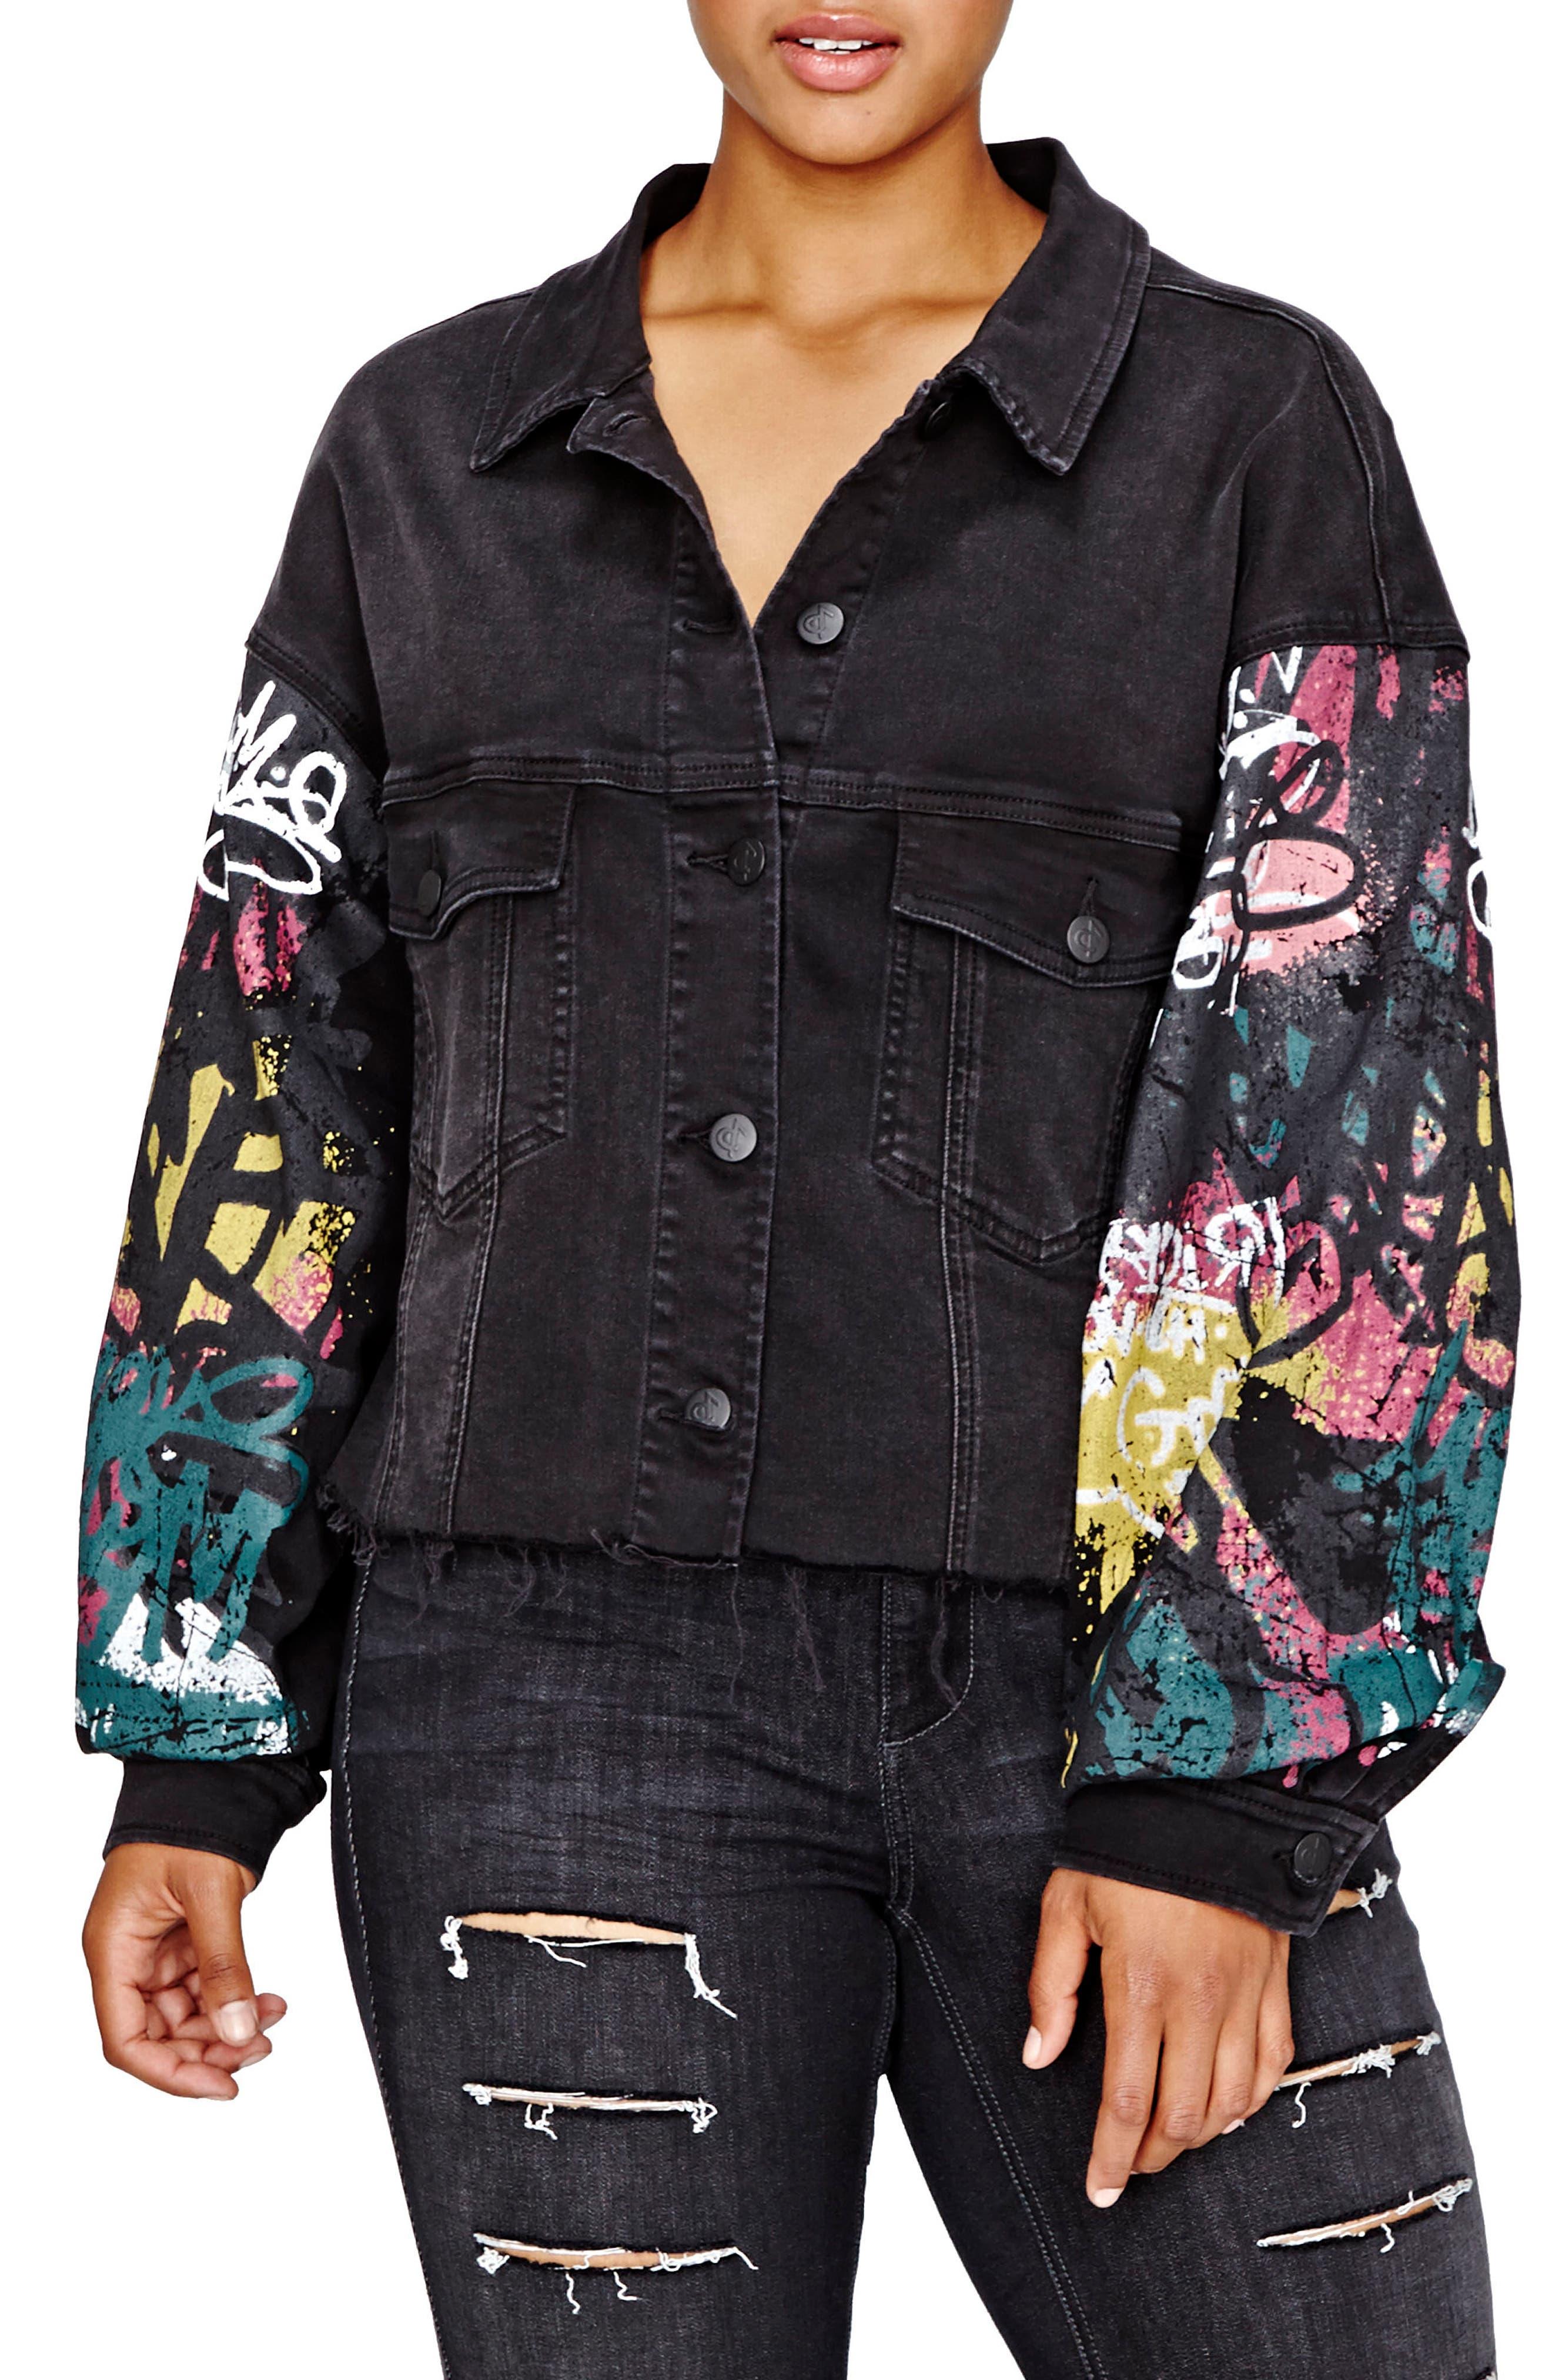 ADDITION ELLE LOVE AND LEGEND Jordyn Woods Carpenter Crop Denim Jacket (Plus Size)